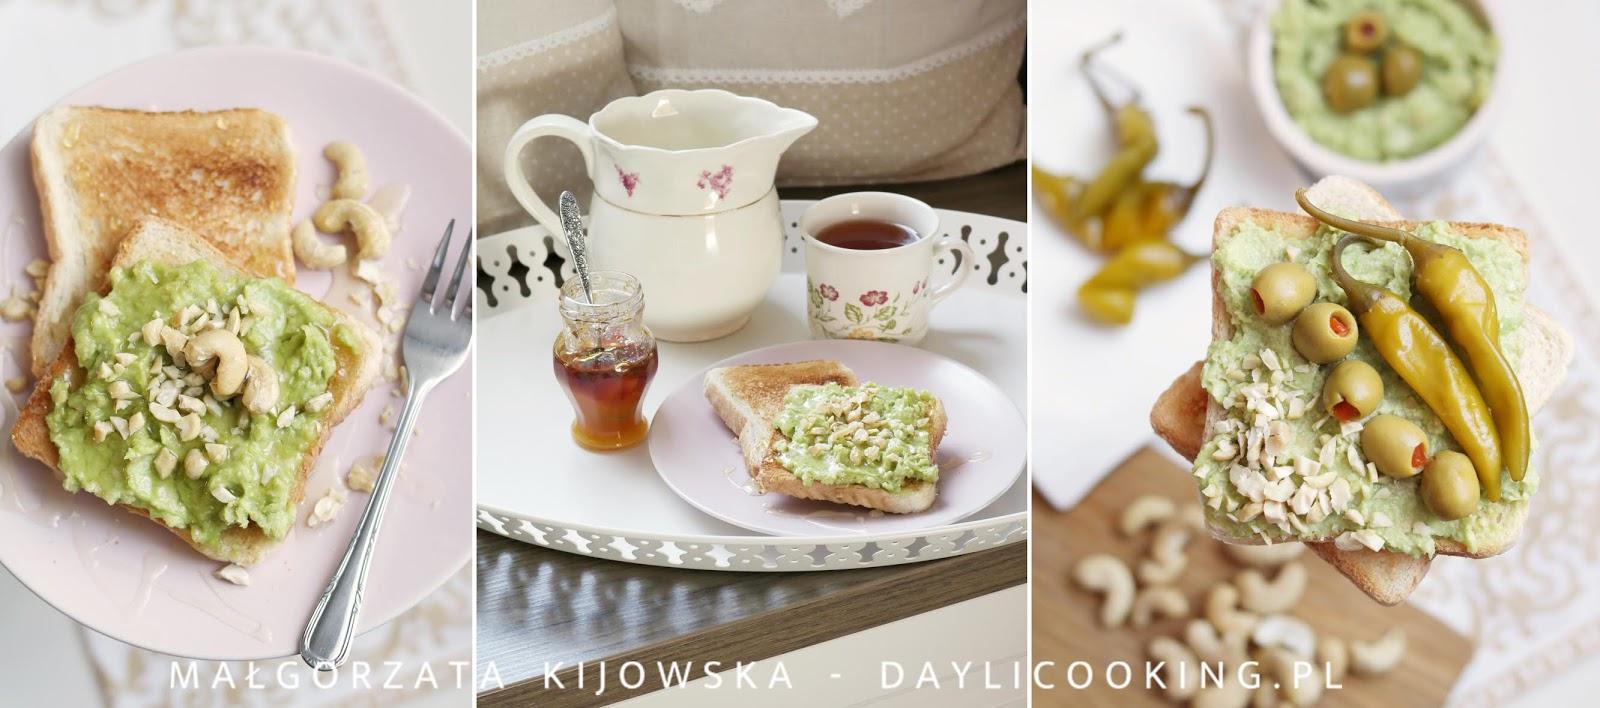 szybkie śniadania, przepis na proste pasty kanapkowe, co na śniadanie, daylicooking